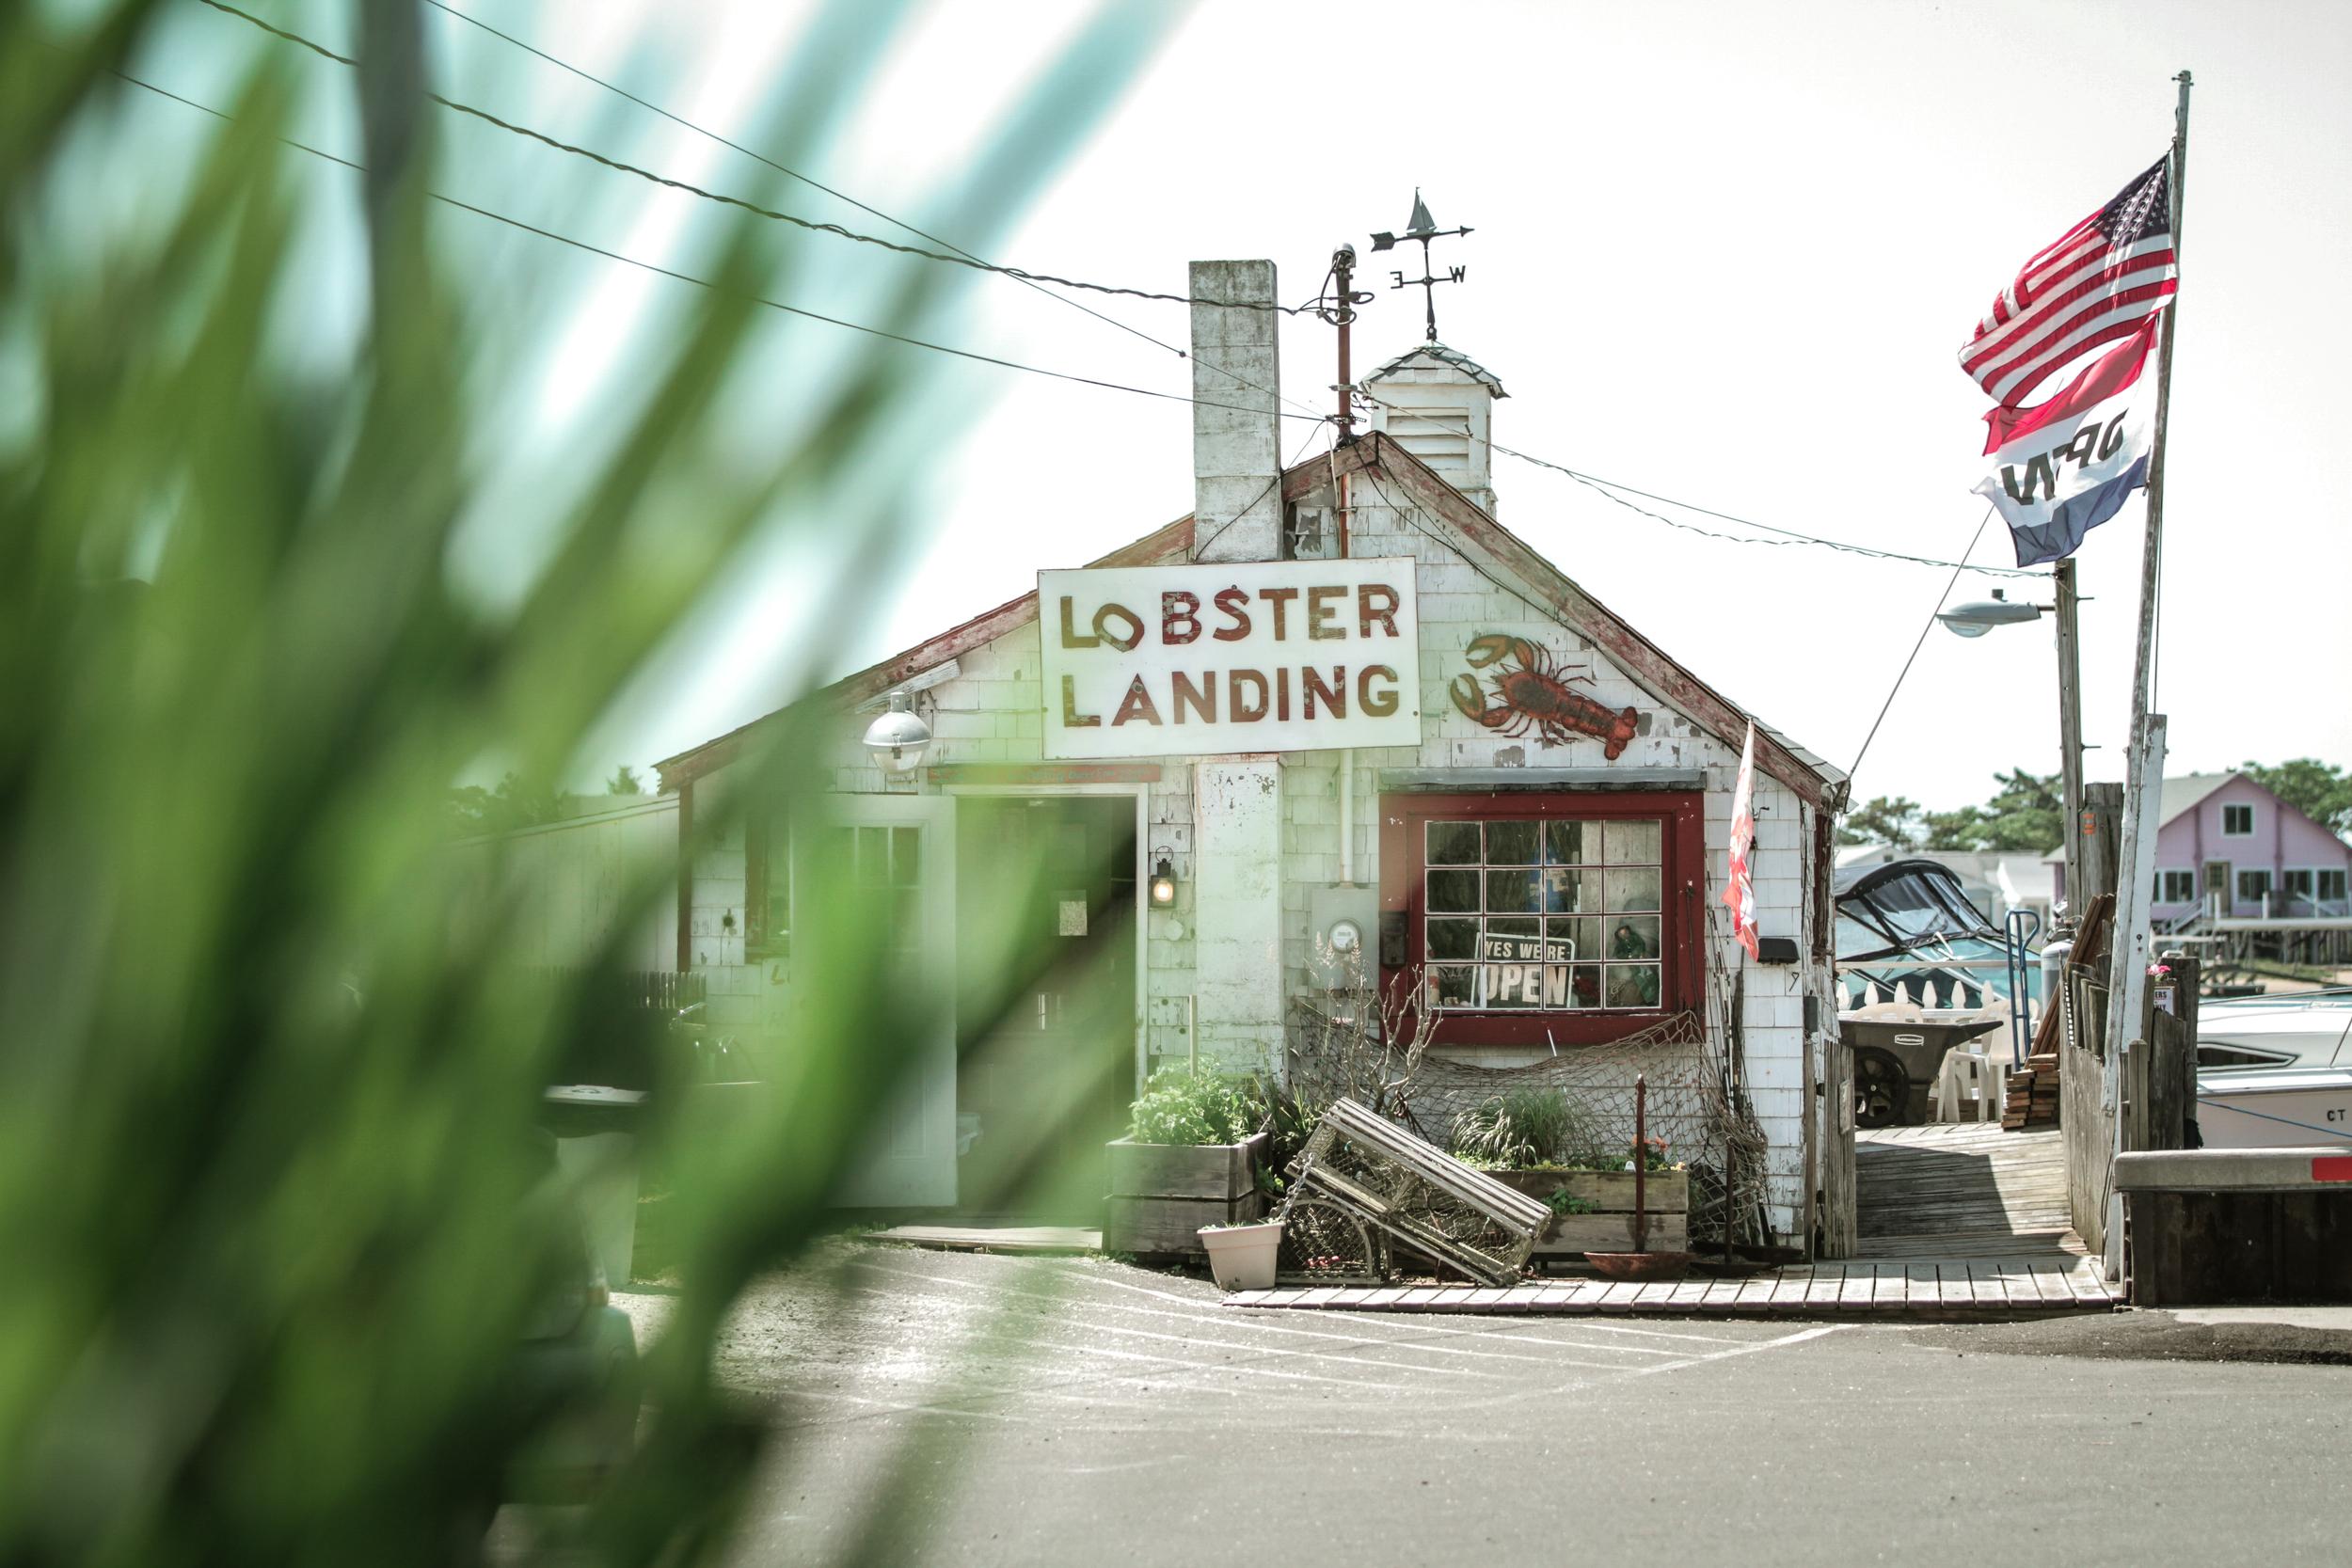 Lobster Landing   Story by Chelsea Moore